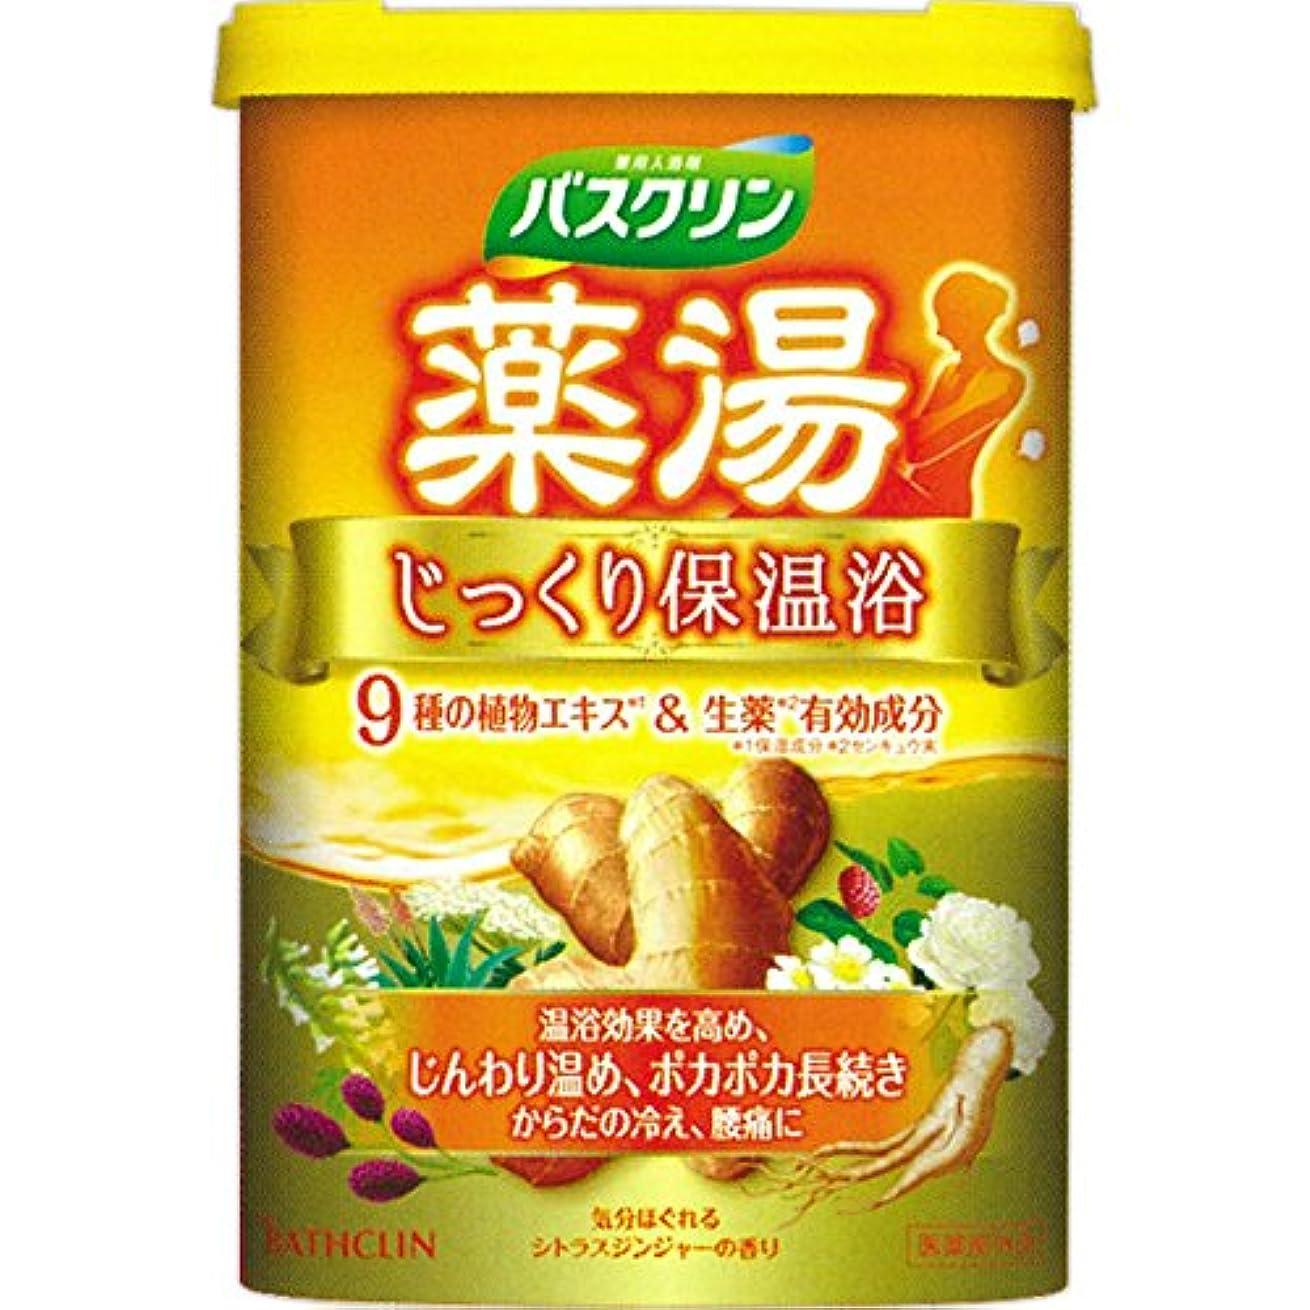 アイザックメンタリティジョブ薬湯バスクリン じっくり保温浴 フローラルジンジャーの香り 600g(入浴剤)